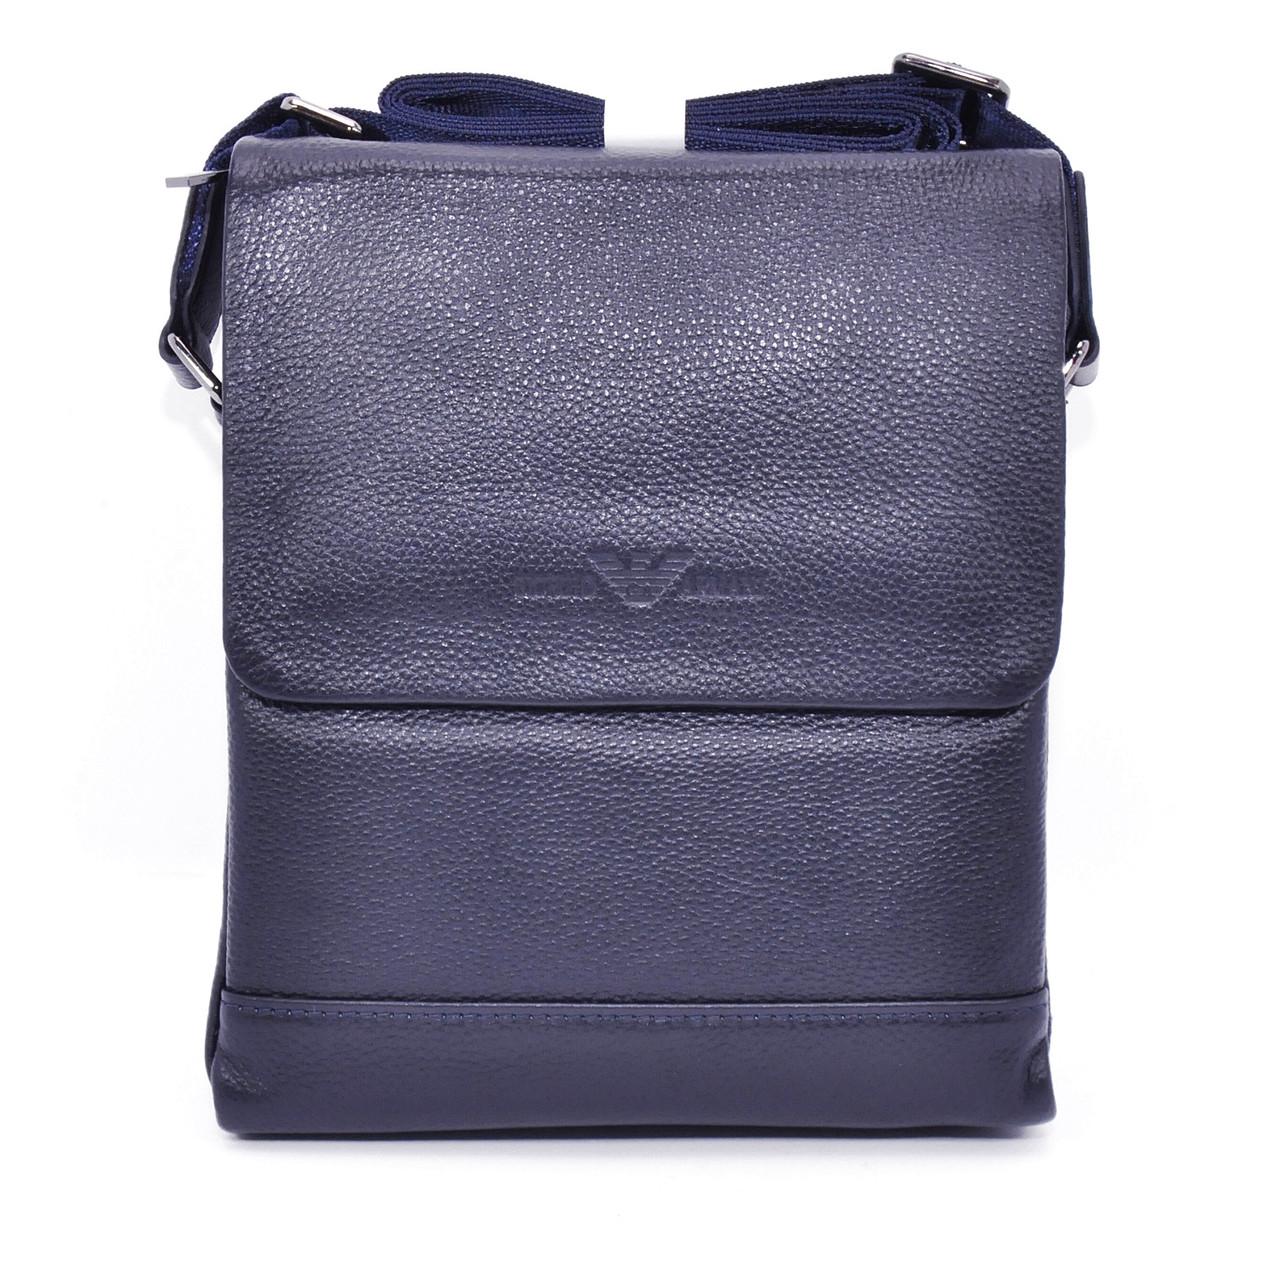 Сумка мужская большая кожаная планшет синяя Giorgio Armani 7911-3 -  Интернет-магазин